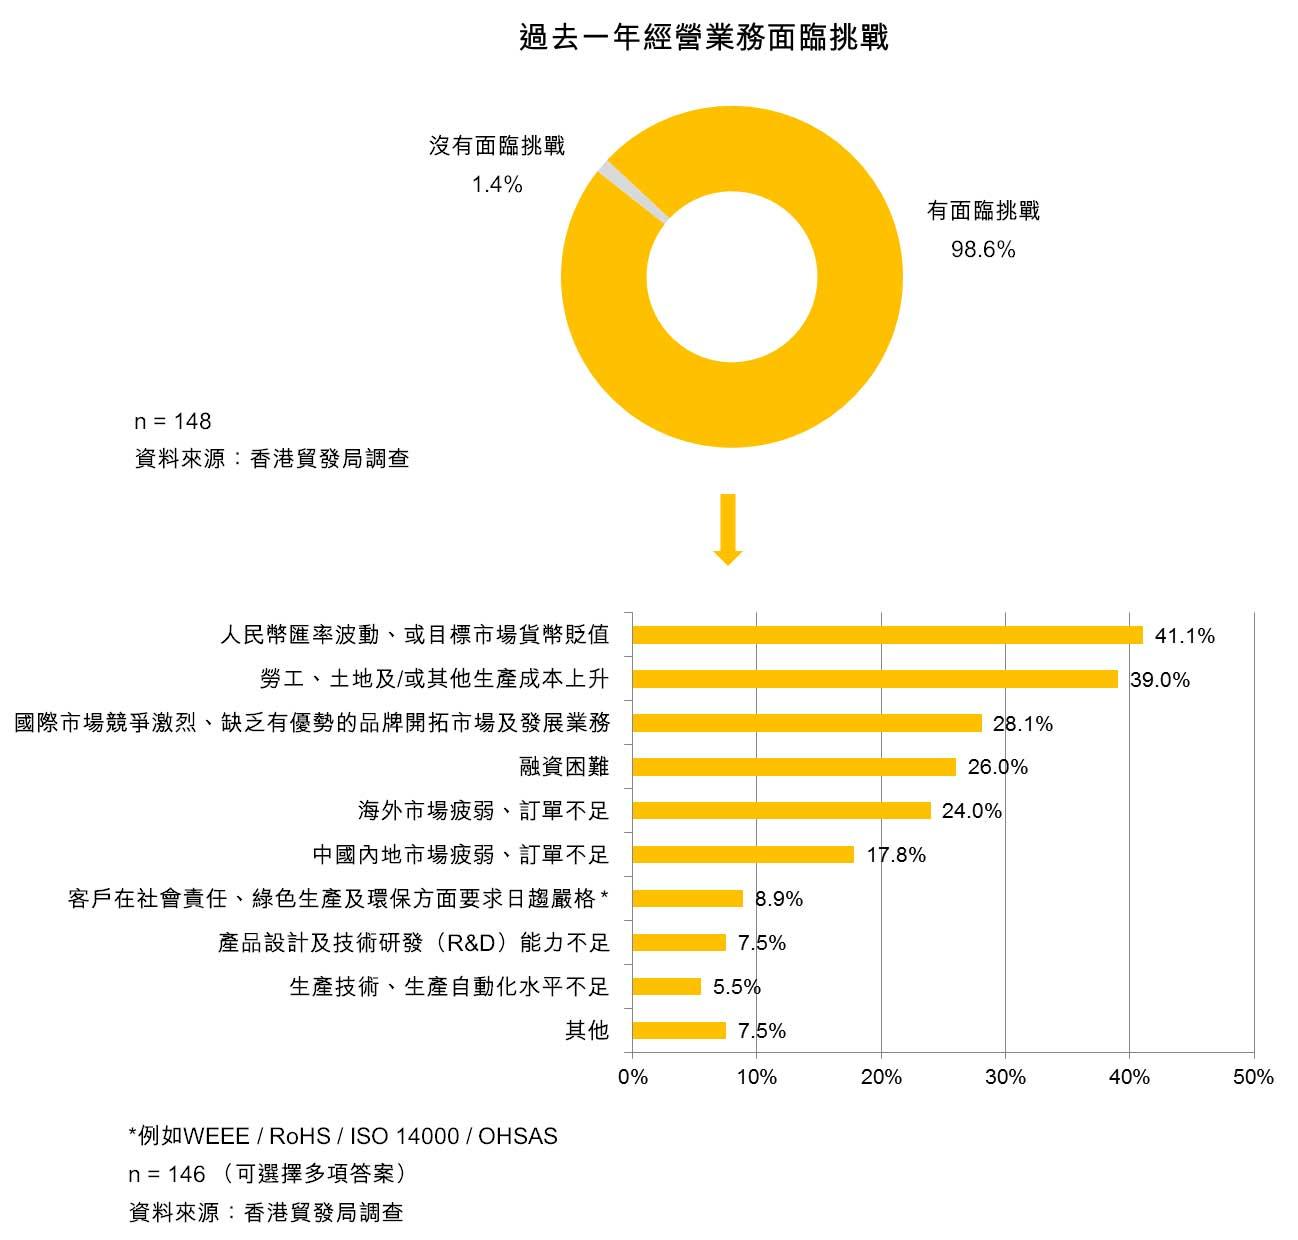 表:過去一年經營業務面臨挑戰